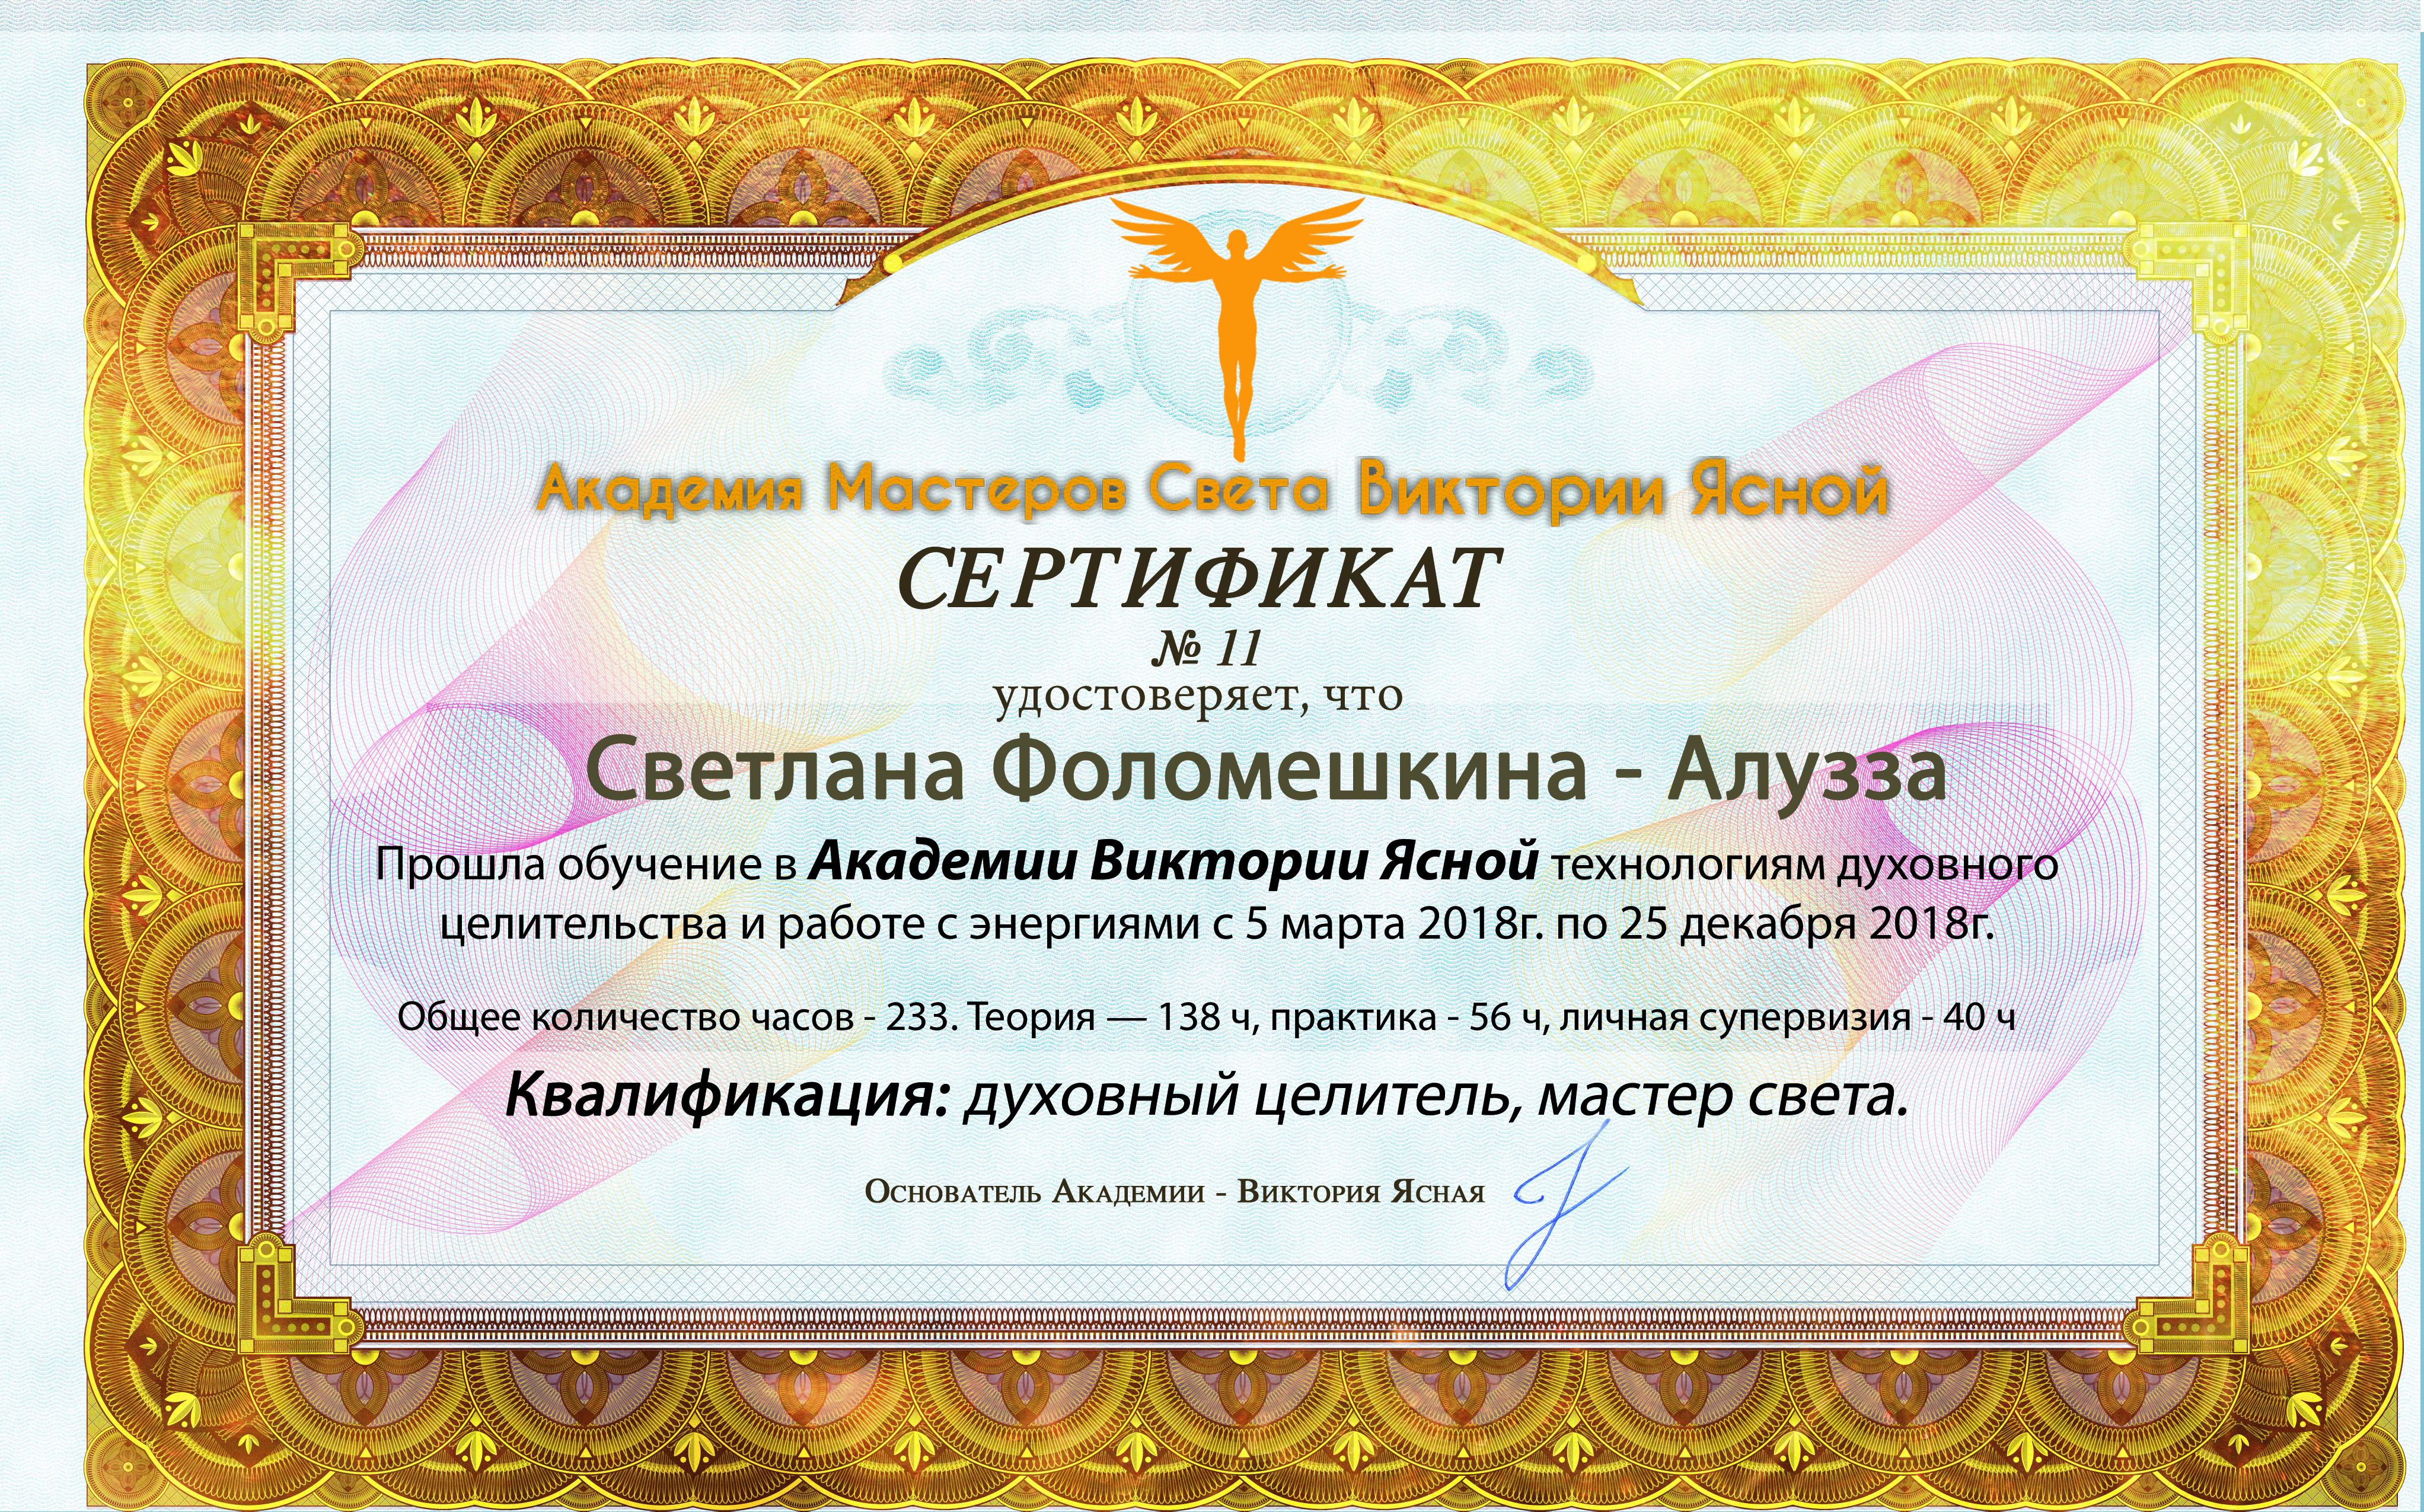 11 Светлана Фоломешкина (Алузза)